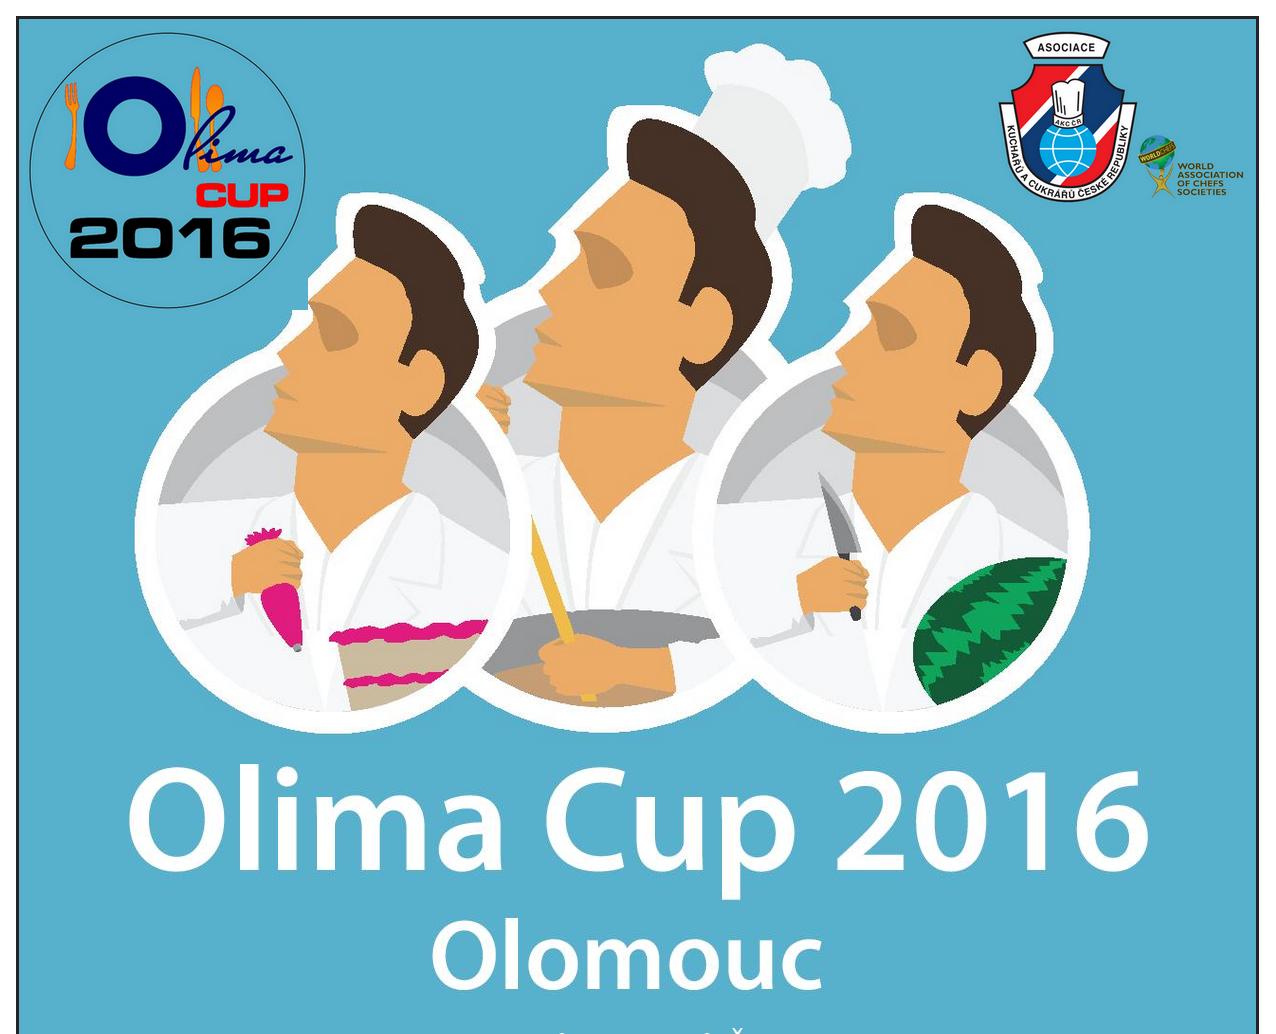 Kuchaři a cukráři na soutěži Olima cup 2016 - fotografie 1/1